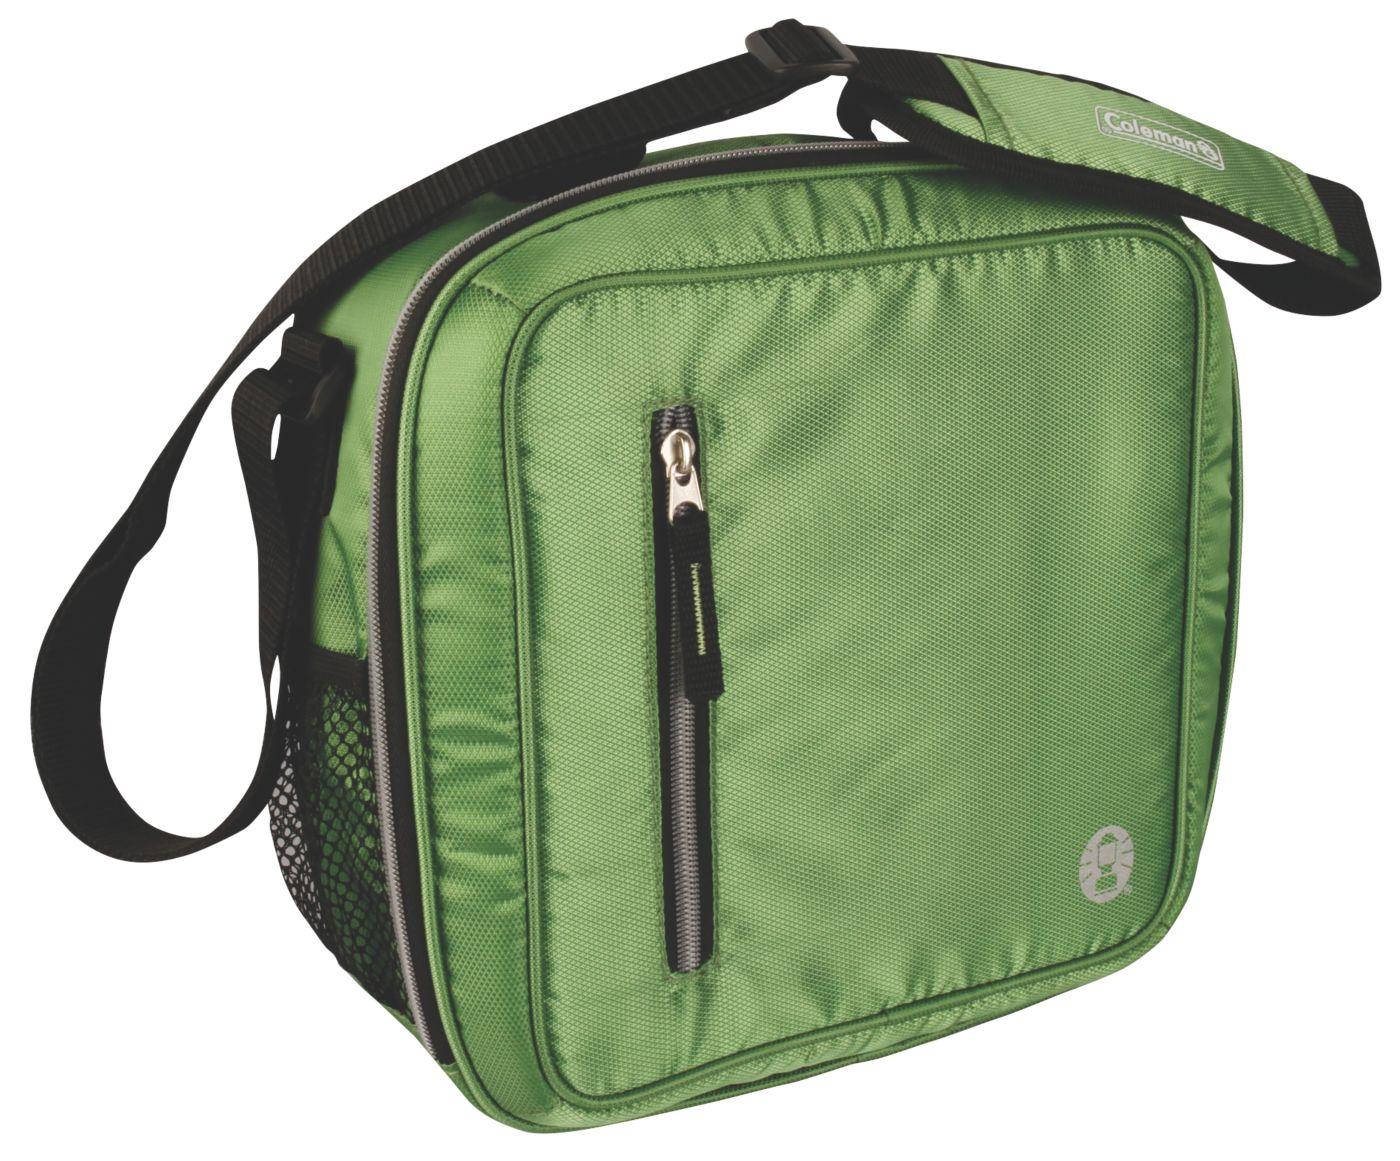 messenger bag cooler - Soft Sided Coolers